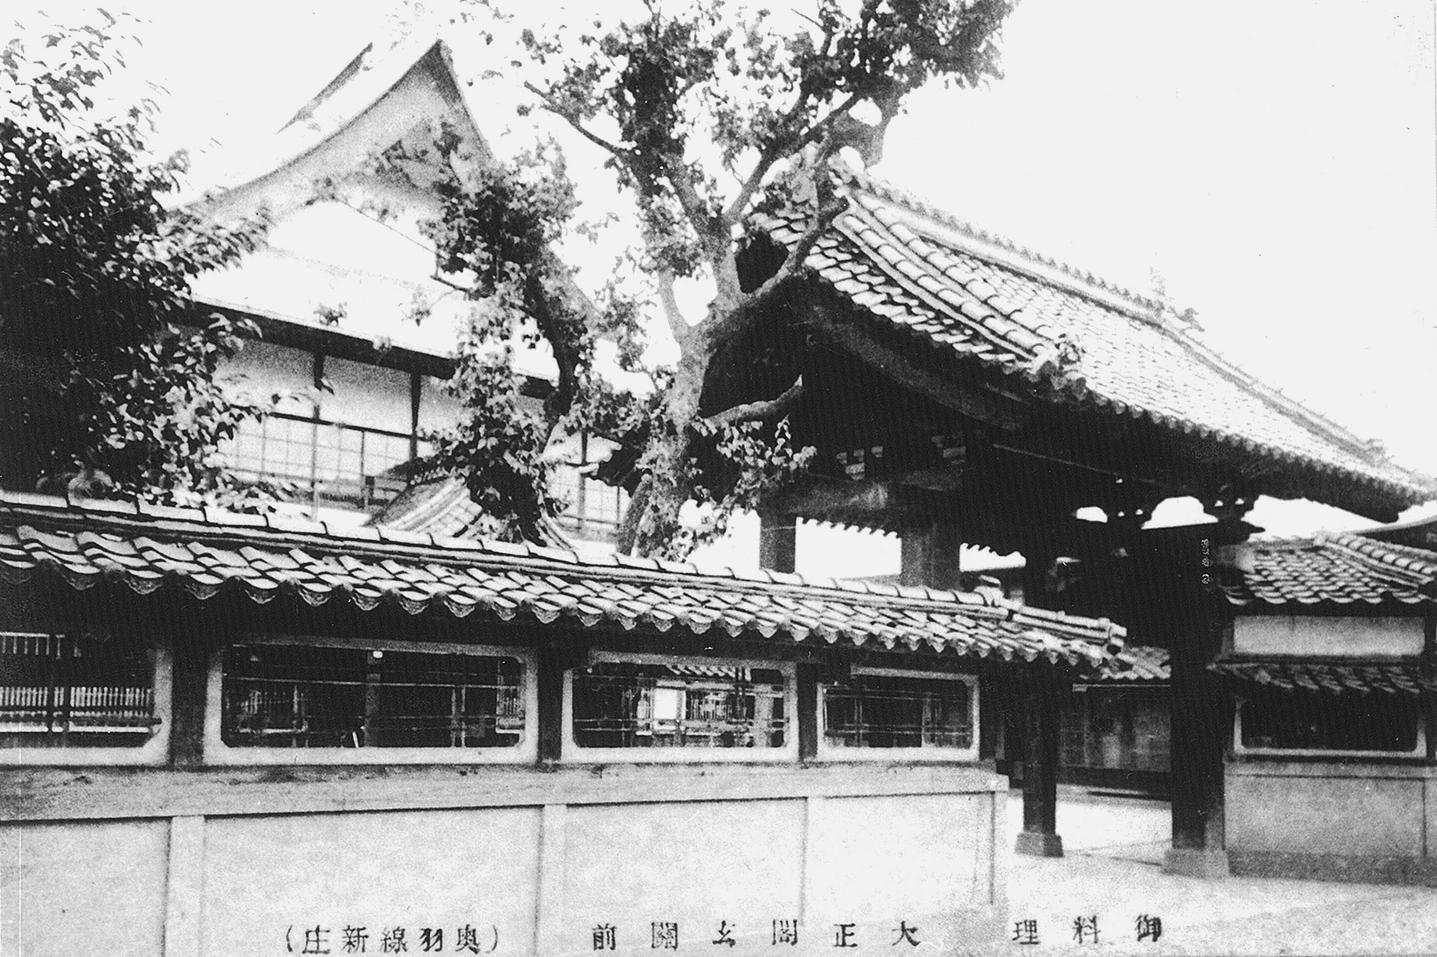 料亭 大正閣 玄関前(大正11年建築)